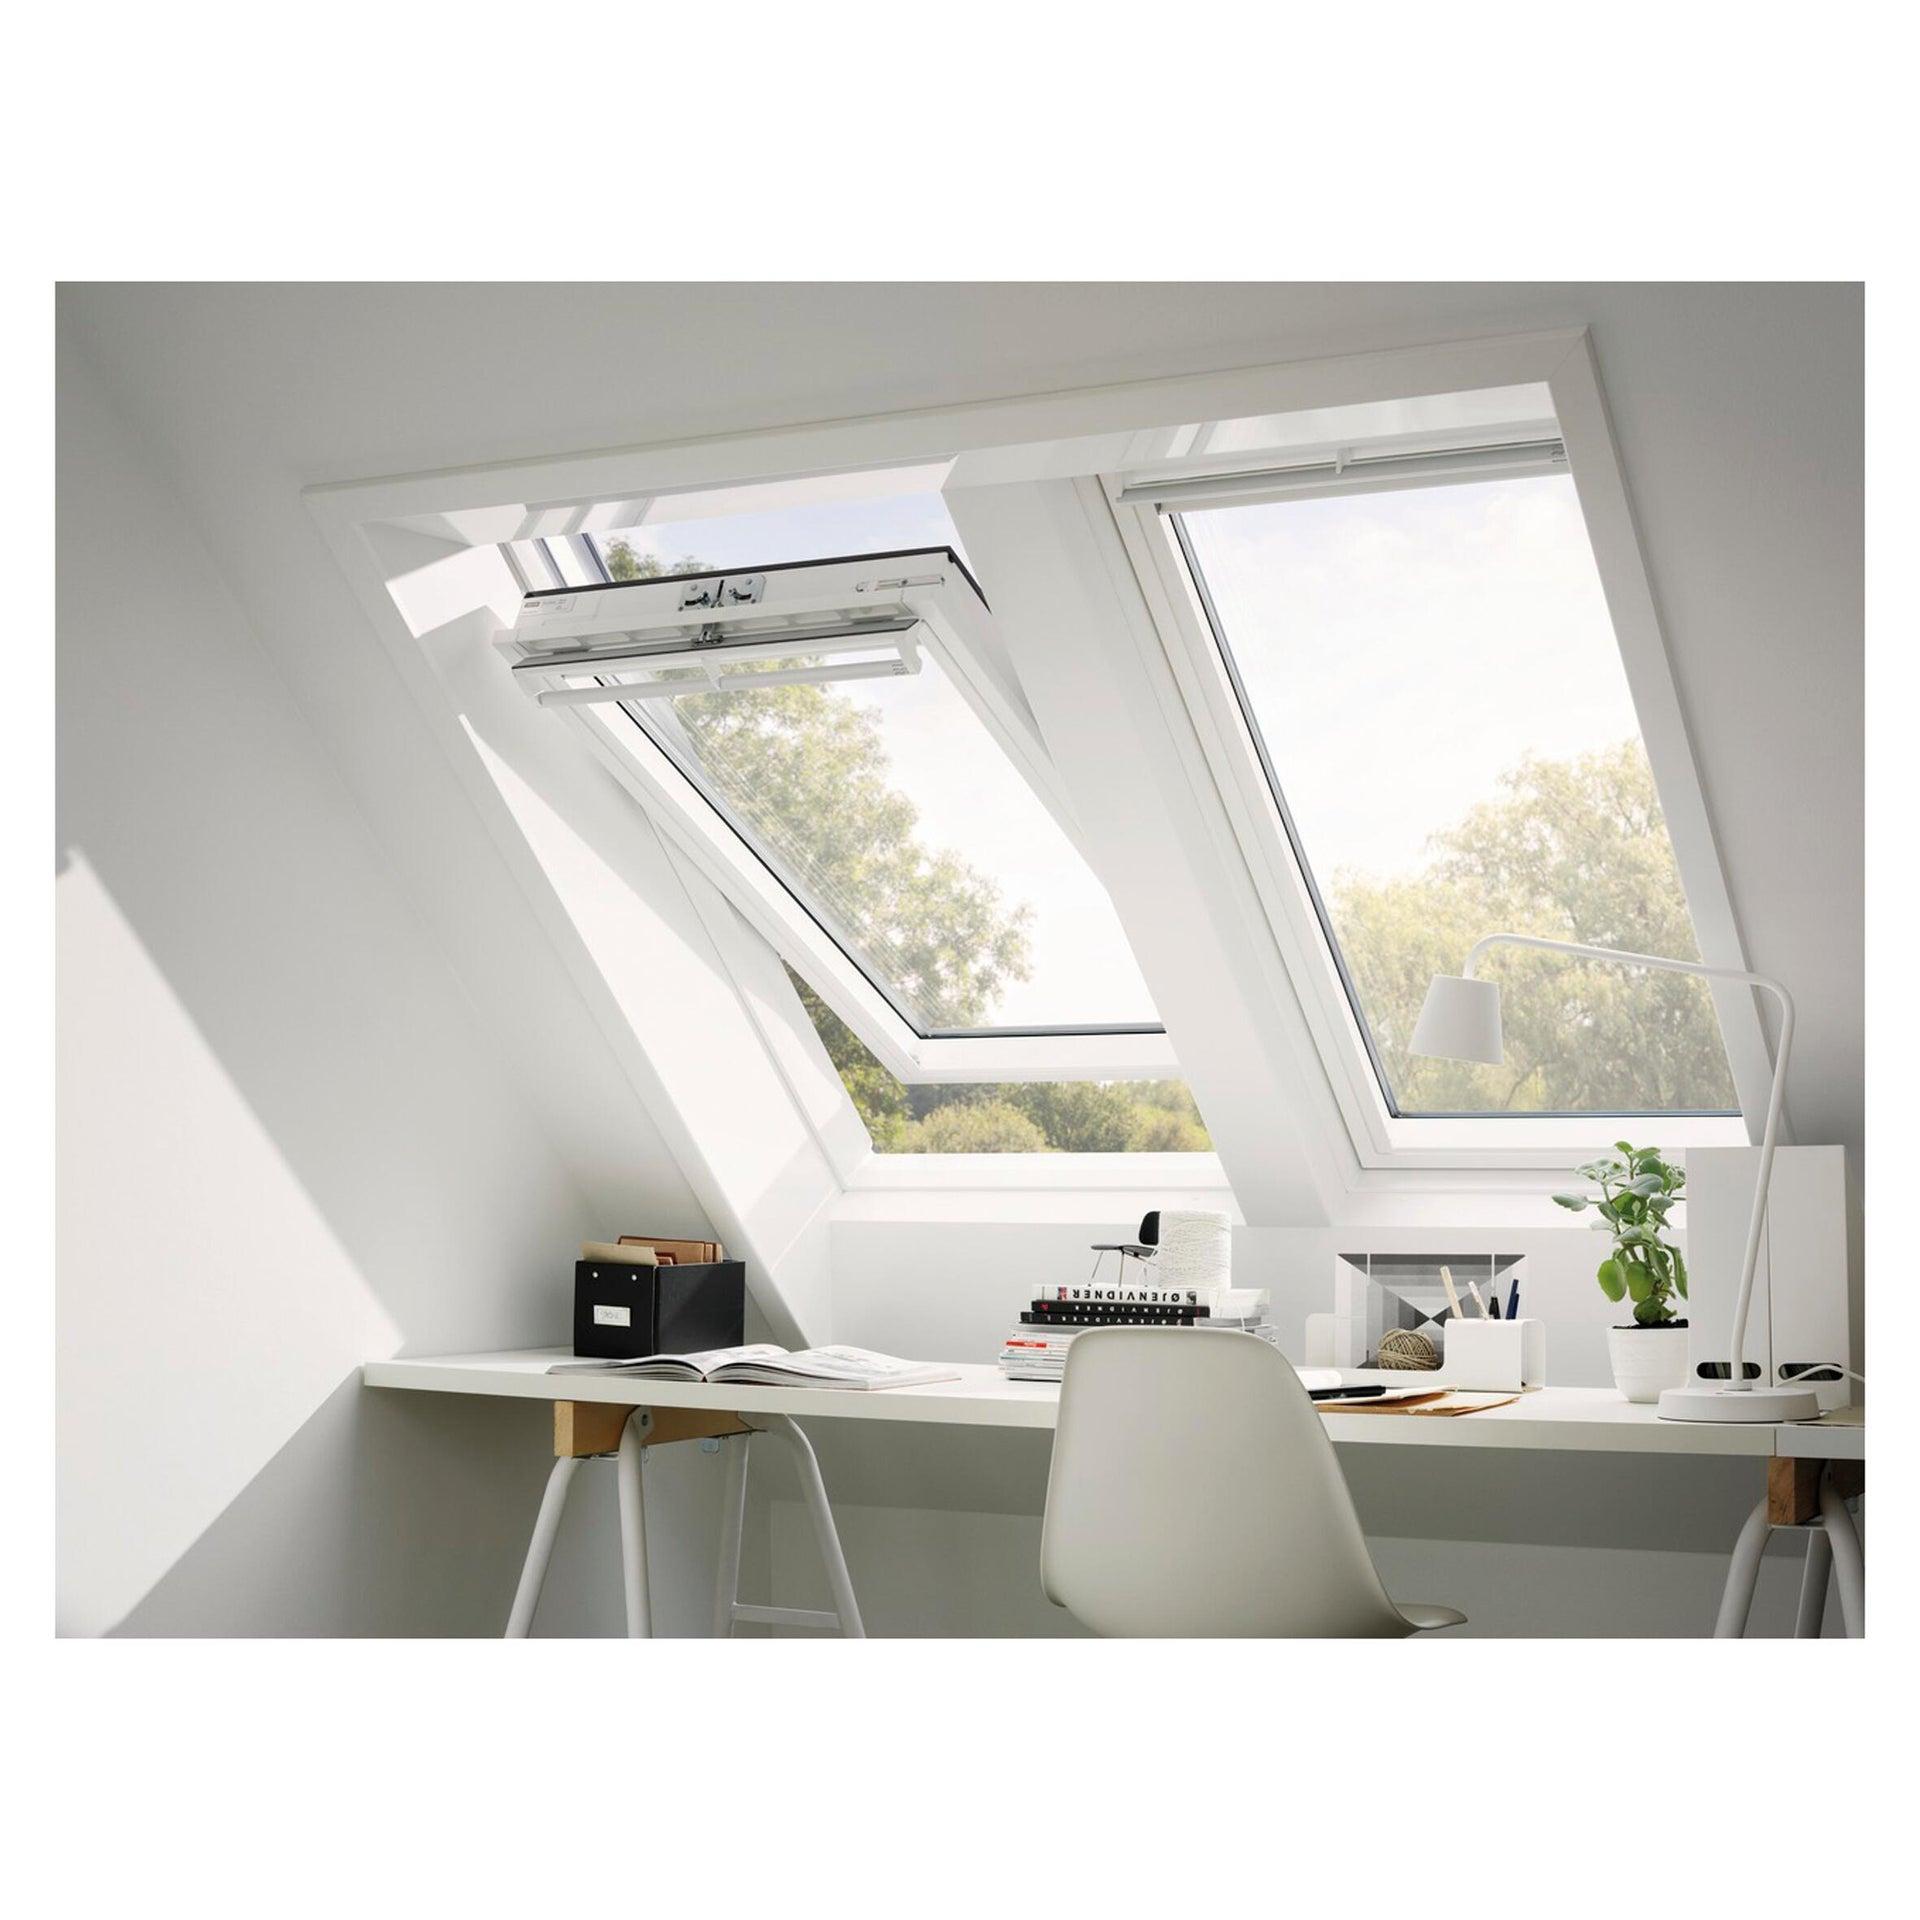 Finestra da tetto (faccia inclinata) VELUX GGU FK08 0070 manuale L 66 x H 140 cm bianco - 2